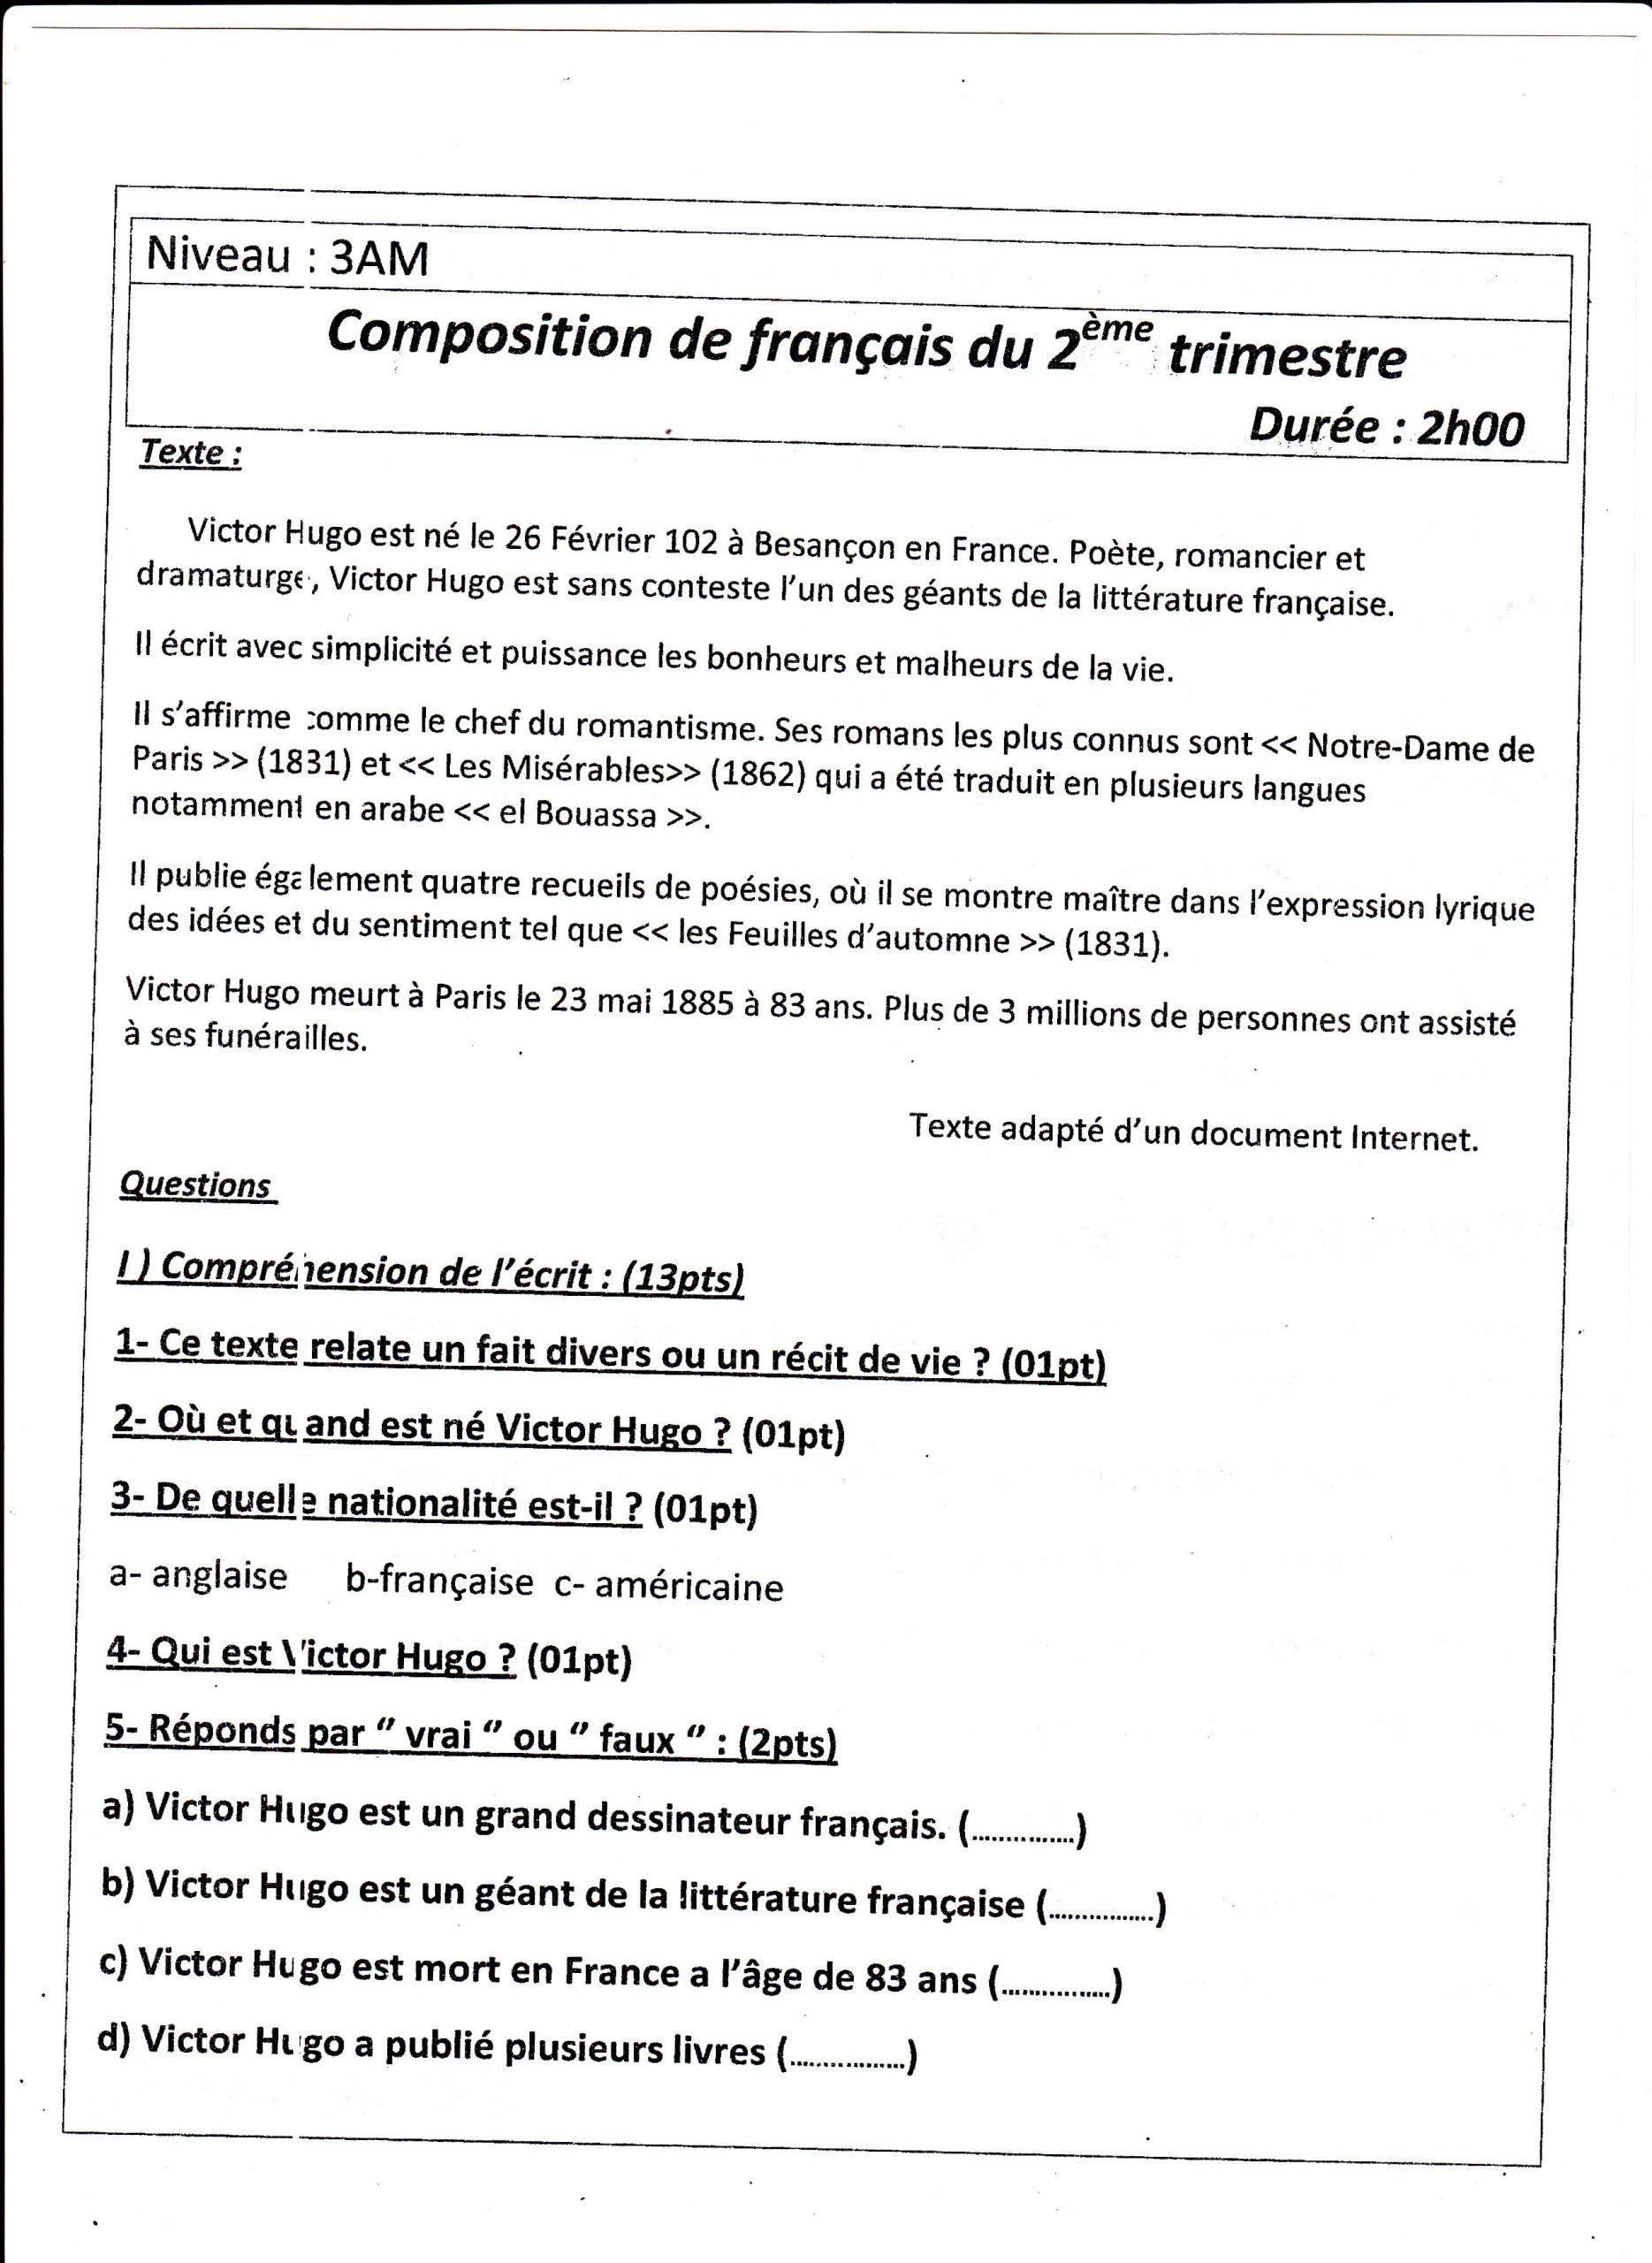 اختبار الفصل الثاني في اللغة الفرنسية السنة الثالثة متوسط | الموضوع 01